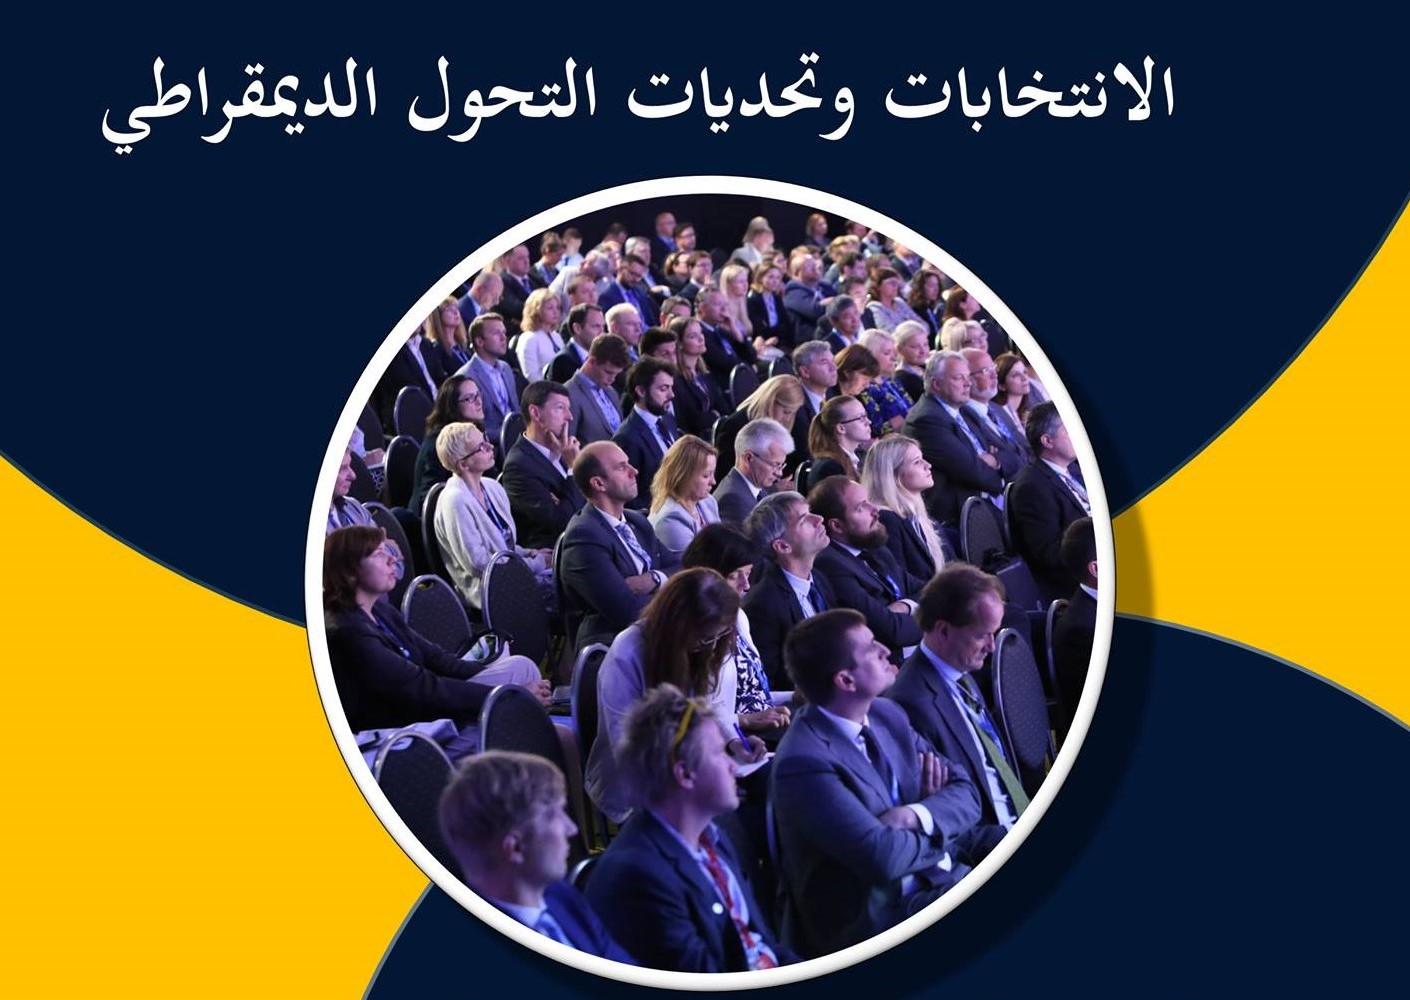 المنظمة العربية للإدارات الانتخابية تحدد (فبراير) موعد انطلاق فعاليات مؤتمرها الدولي.